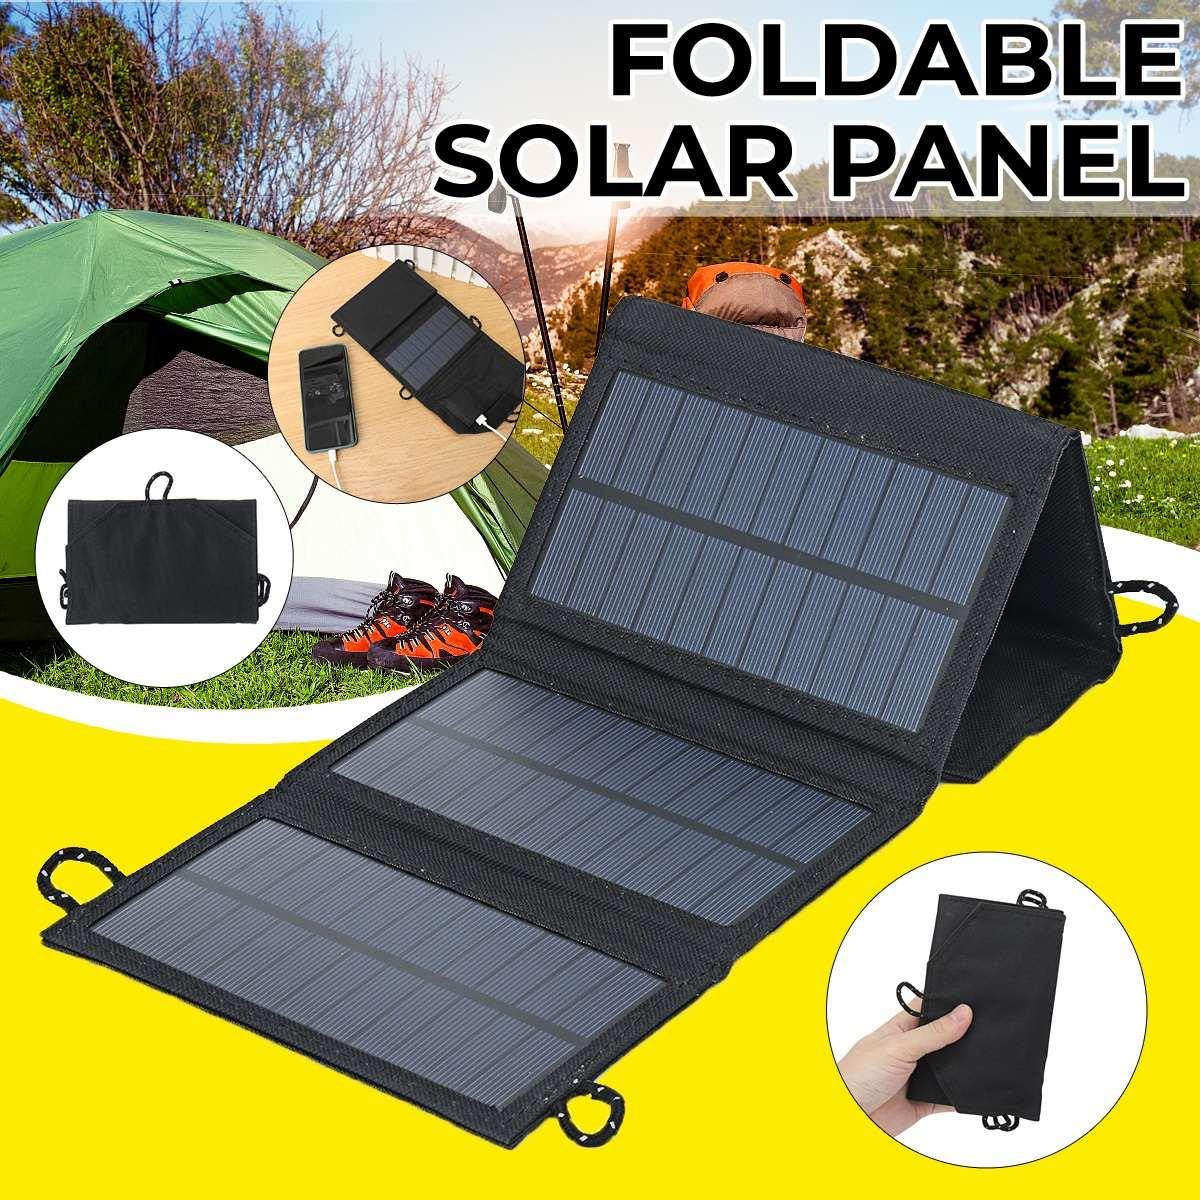 لوحة شمسية قابلة للطي 50 وات ، حزمة بطارية Usb ، جهاز شحن للتخييم والمشي لمسافات طويلة ، مصدر طاقة خارجي وداخلي